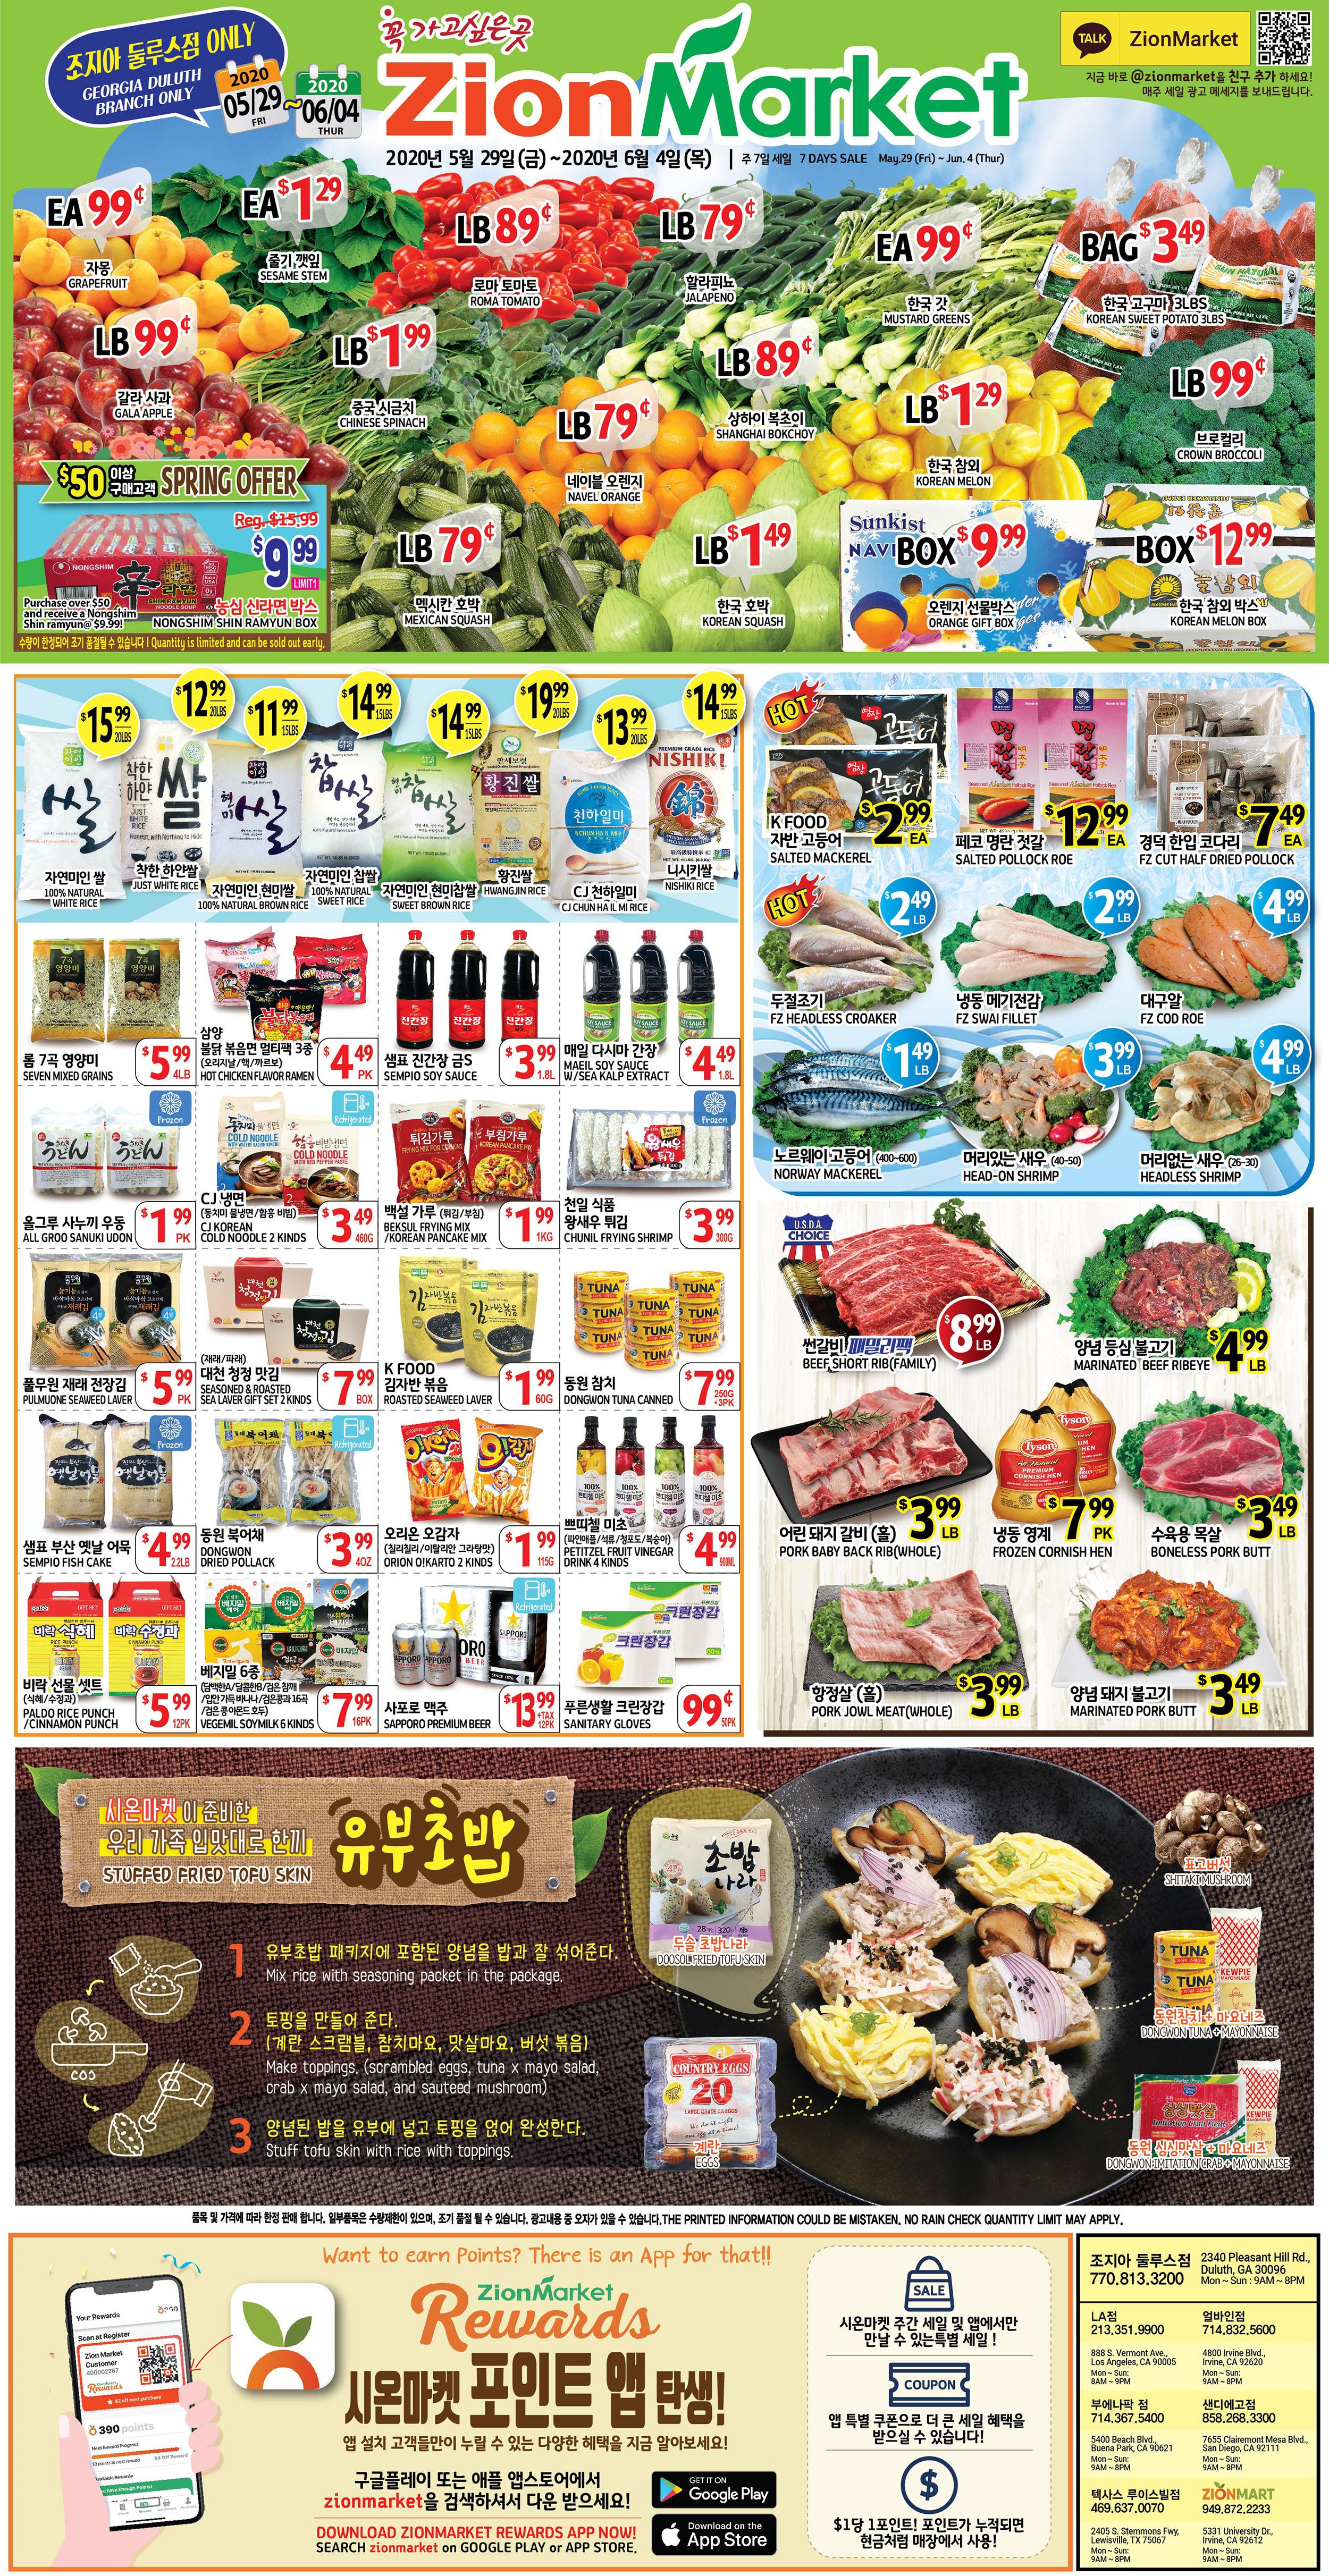 https://admin.zionmarket.com/app_images/sale_images/5ecefb219c5df.jpeg